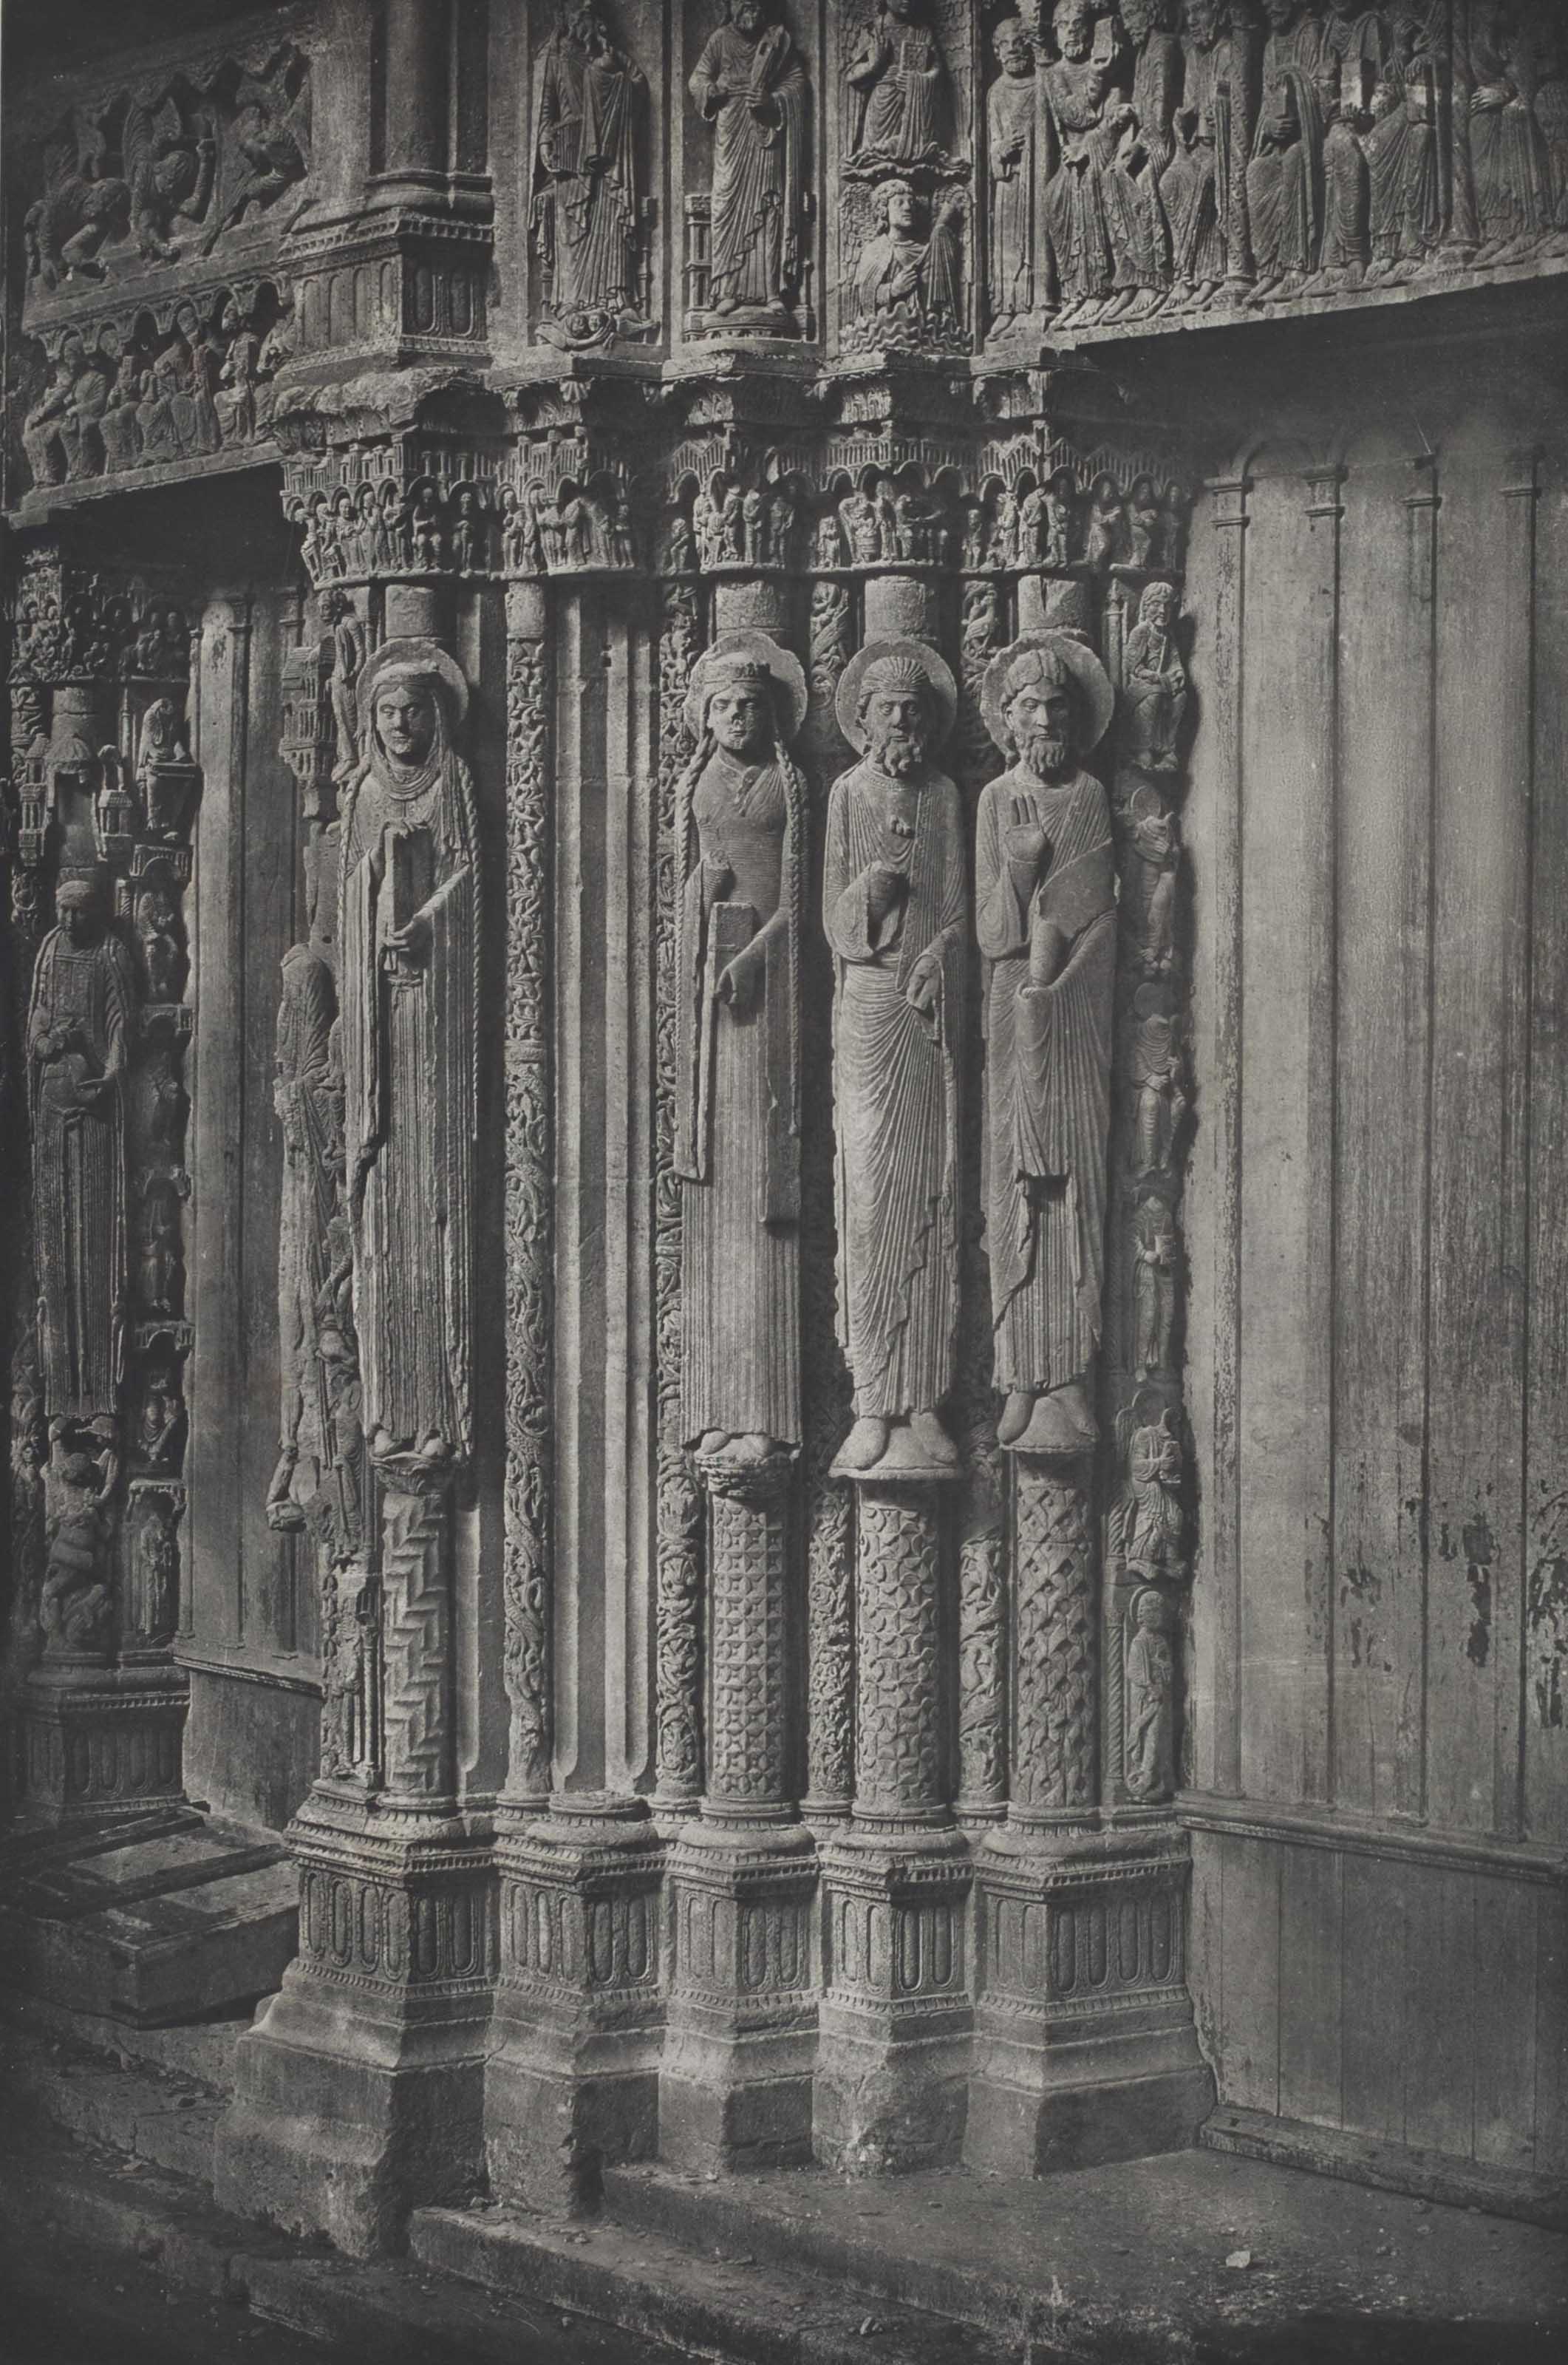 Cathédrale de Chartres, Porche Royal, 1856-1857